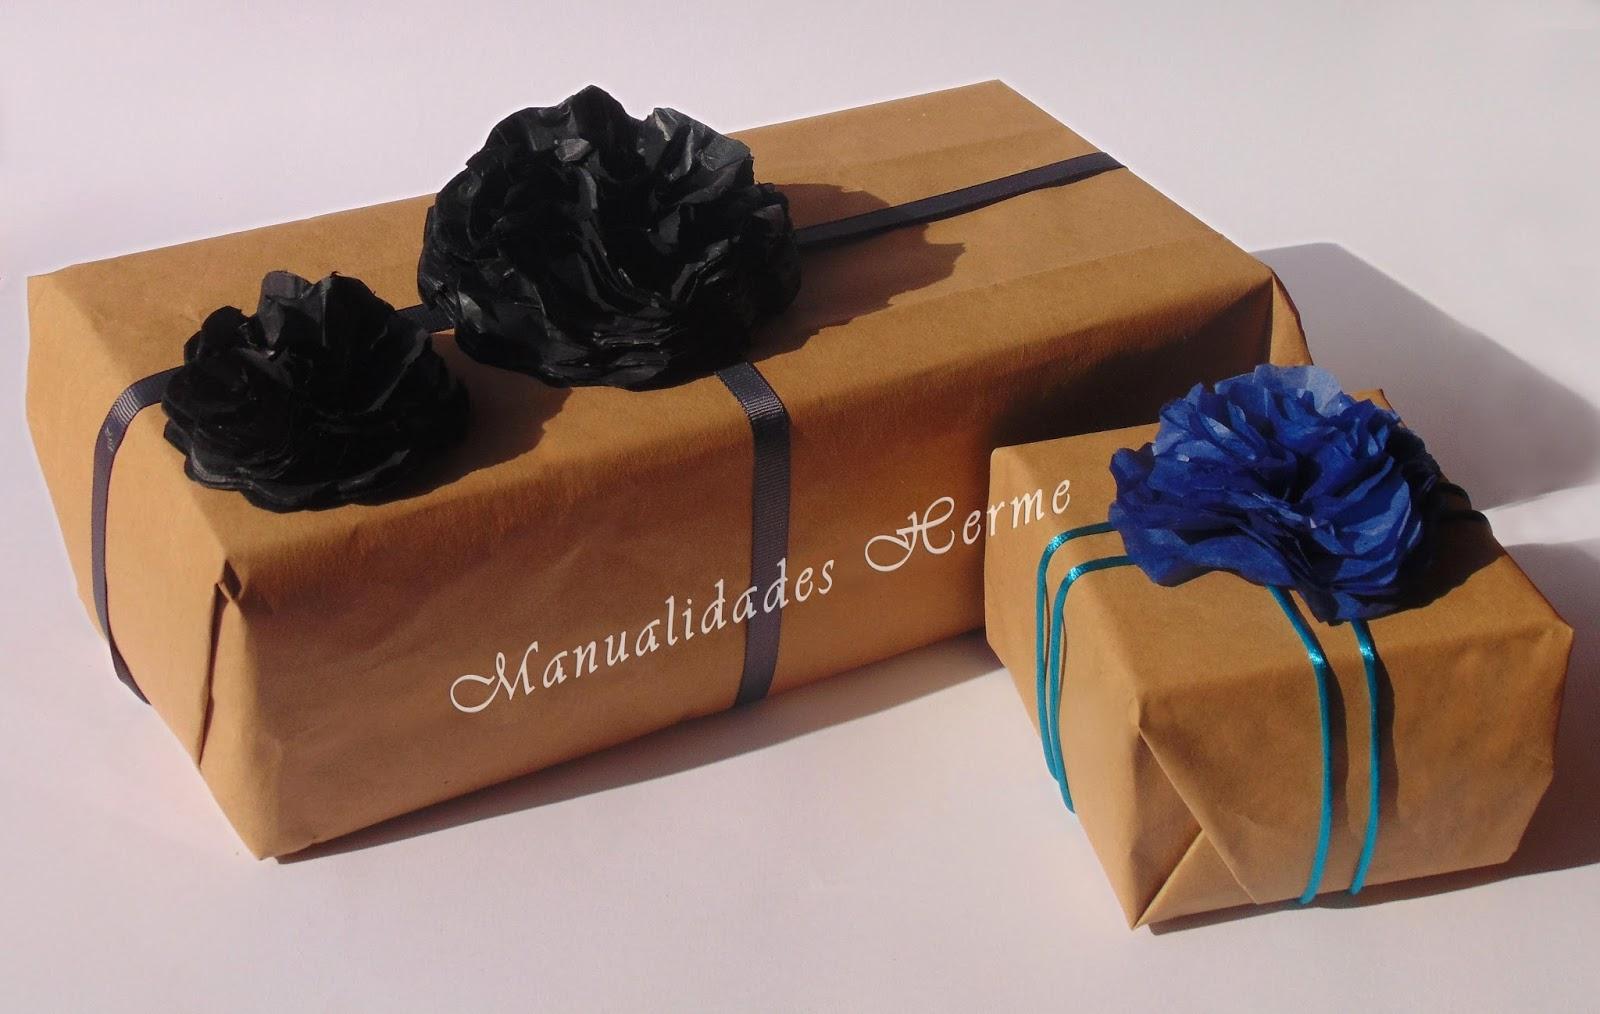 Manualidades herme como hacer una flor para caja de regalo for Decorar regalos